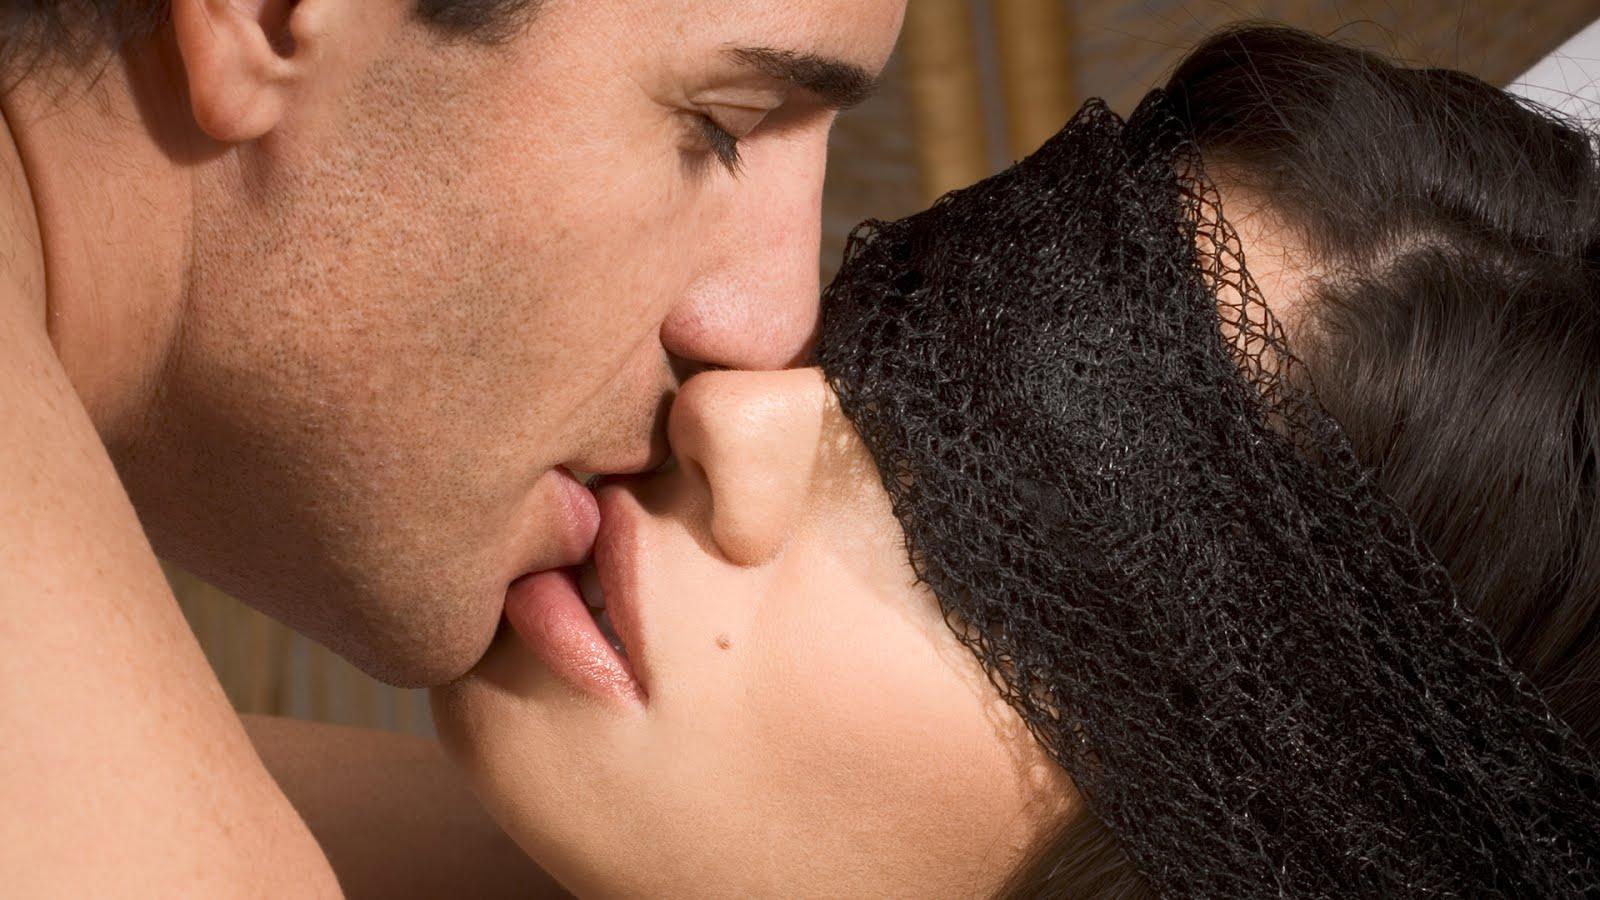 صور صور قبلات متحركة , بالصور احلى القبلات المتحركة النادرة